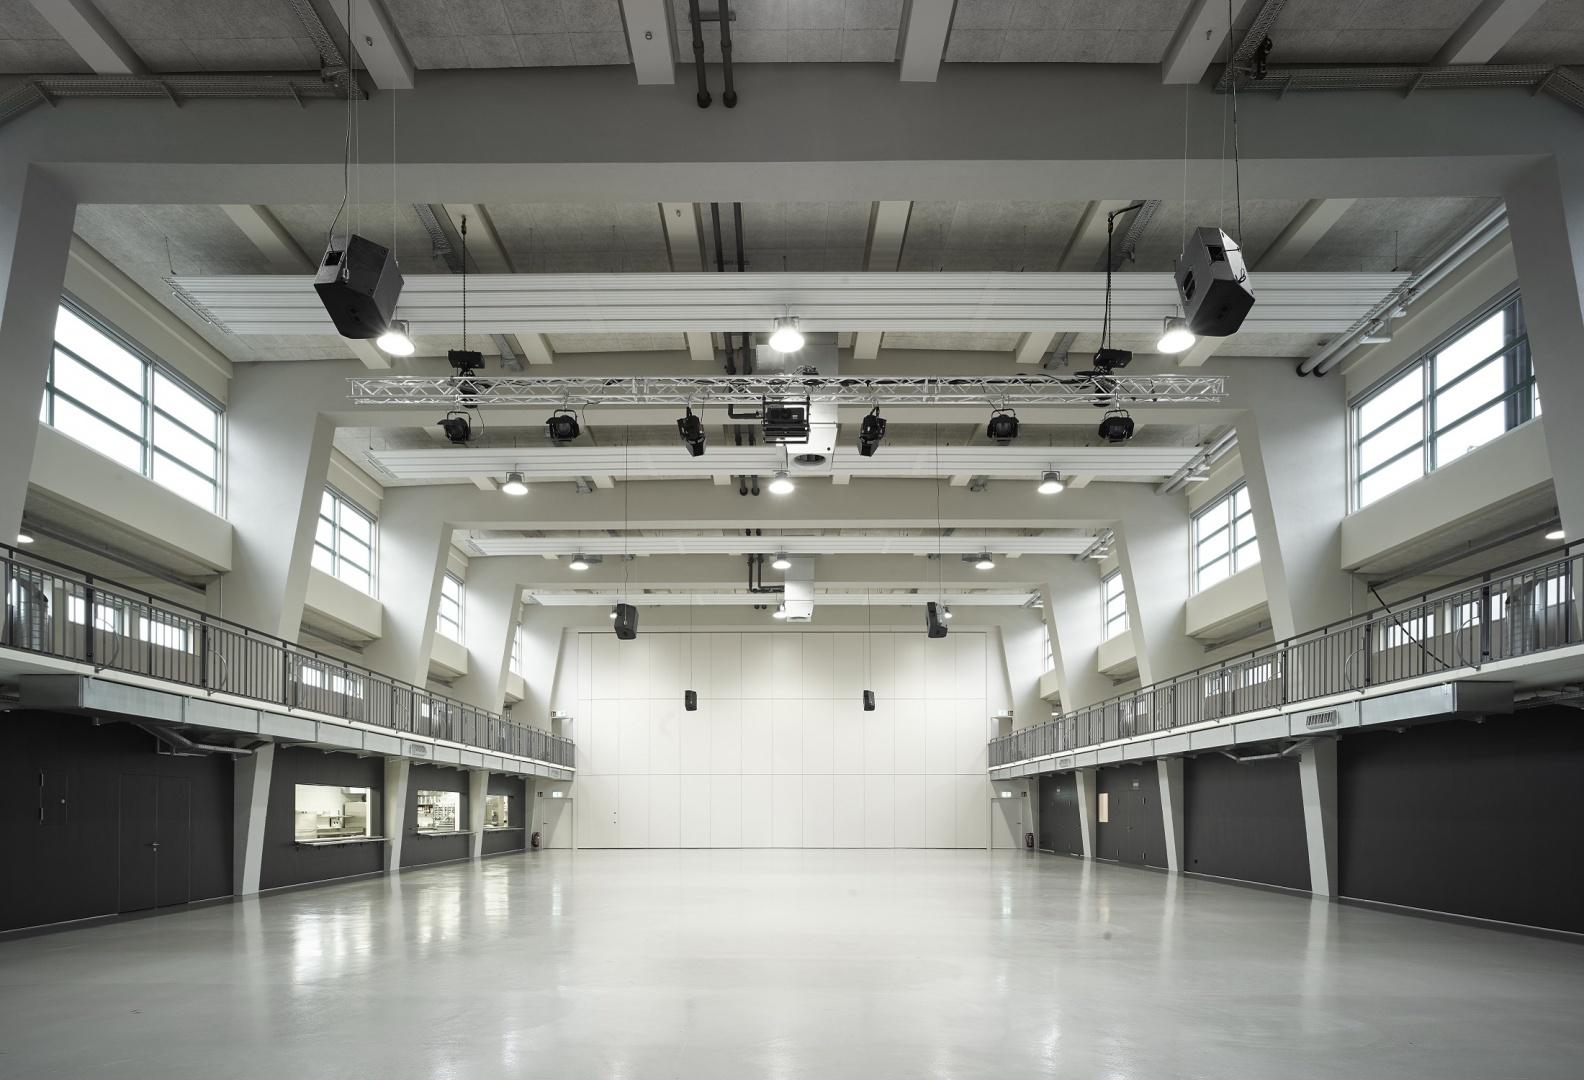 Markthalle, Halle unterteiltteilt © Manuel Stettler, Fotograf, Burgdorf